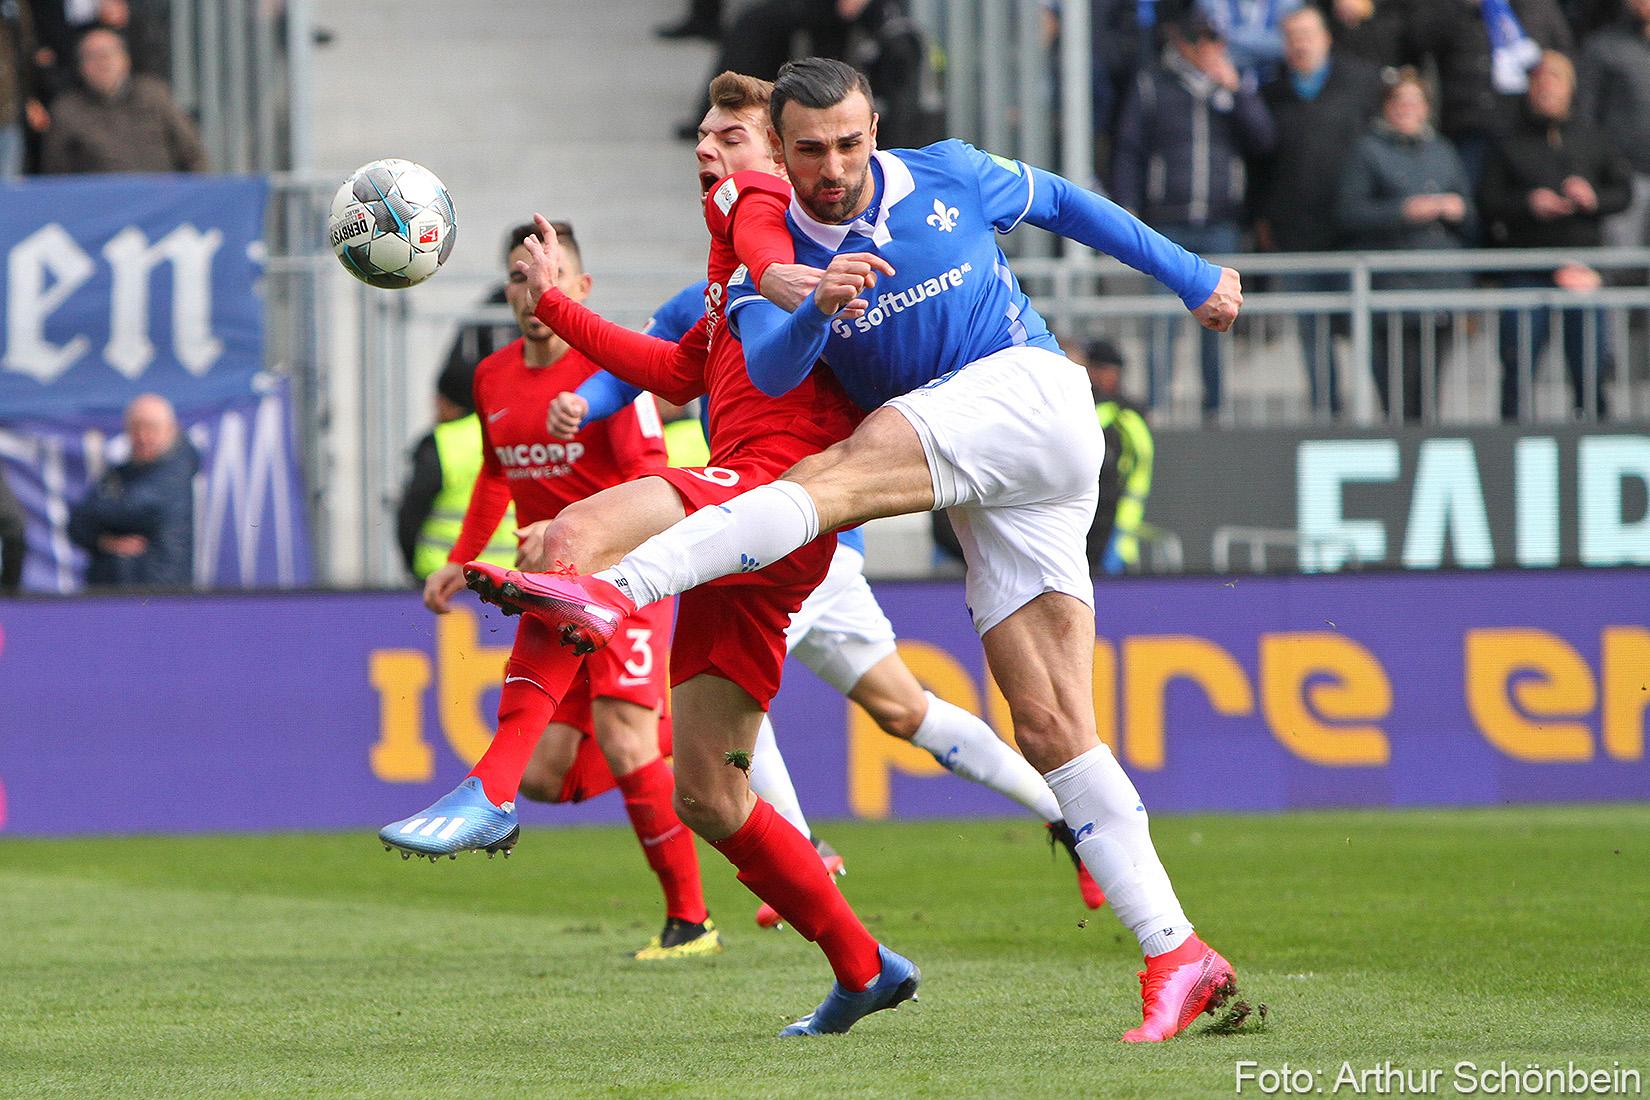 SV Darmstadt 98 darf Saison fortsetzen – Viele Fragen offen